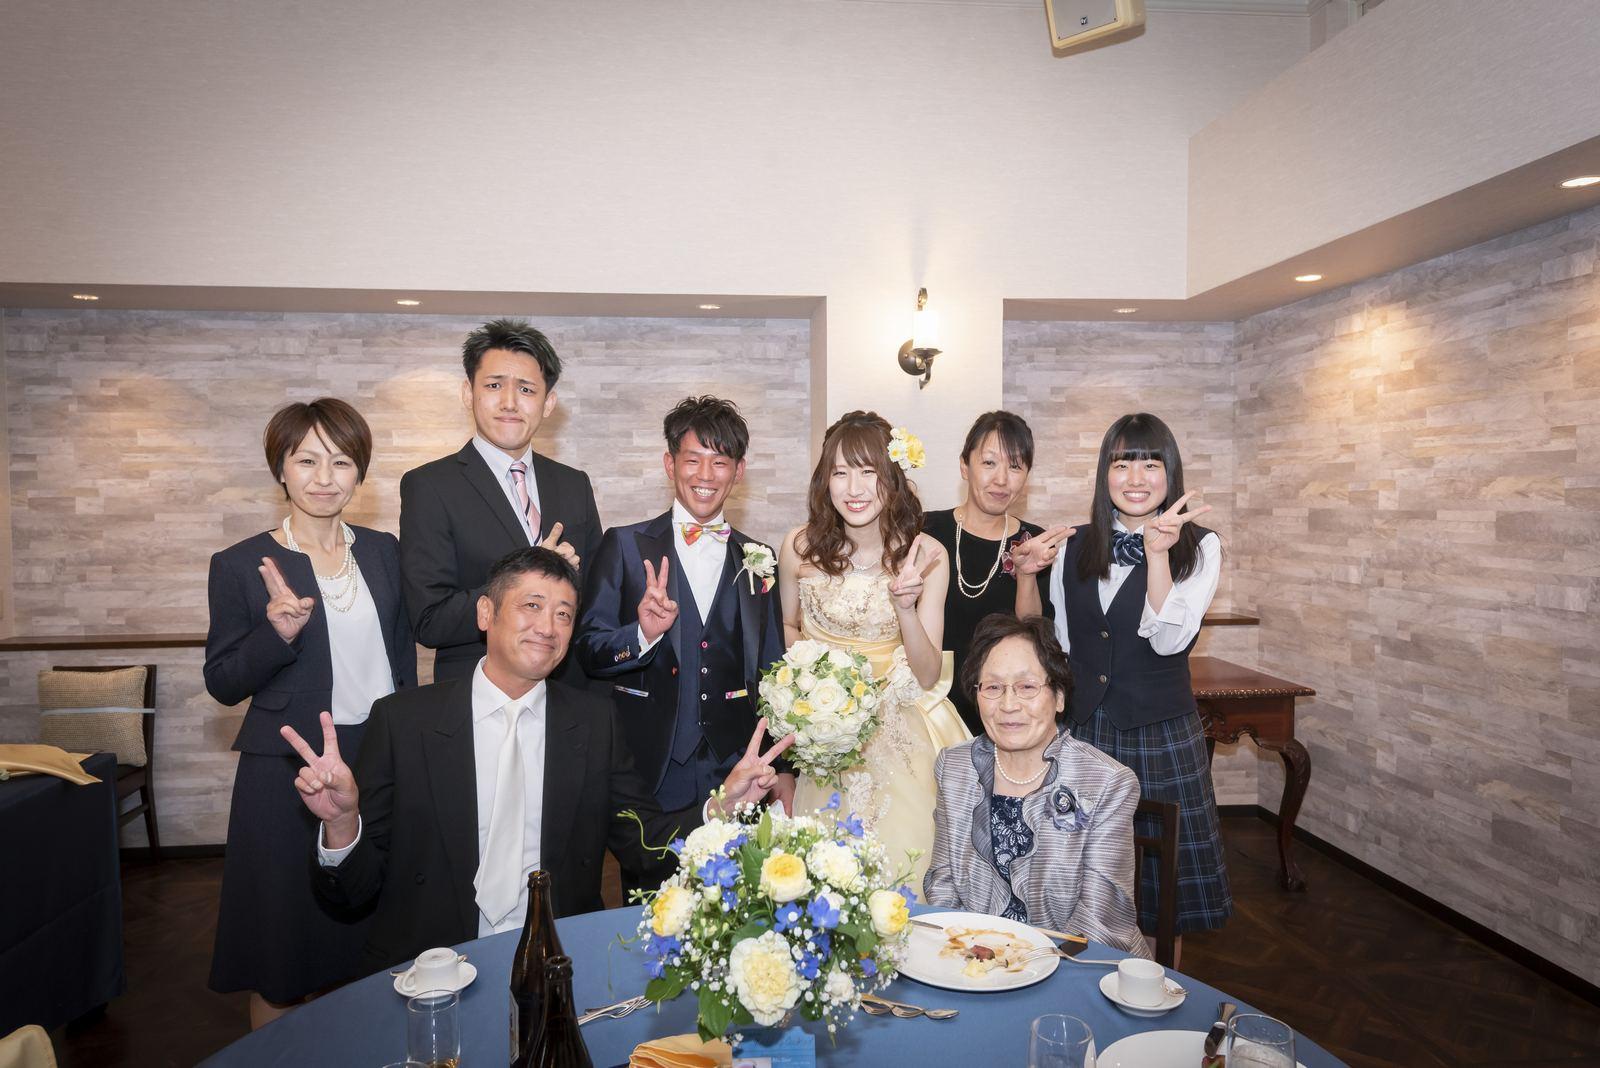 香川県の結婚式場シェルエメール&アイスタイルのフォトラウンド